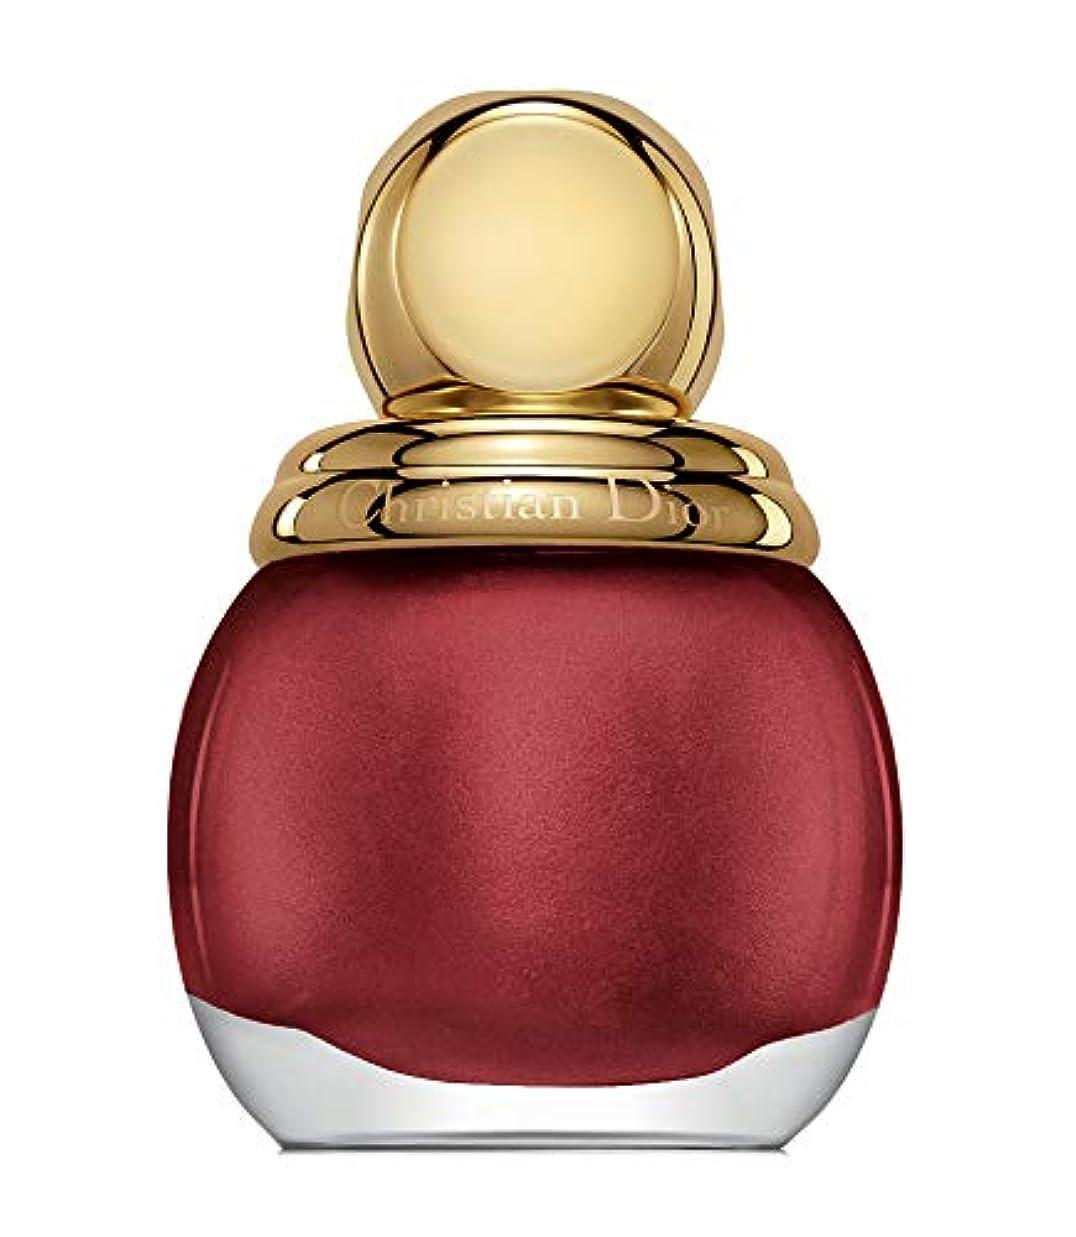 ポーク遺産該当するディオール ヴェルニ ディオリフィック #760 トリオンフ 限定 Dior ネイル ネイルカラー